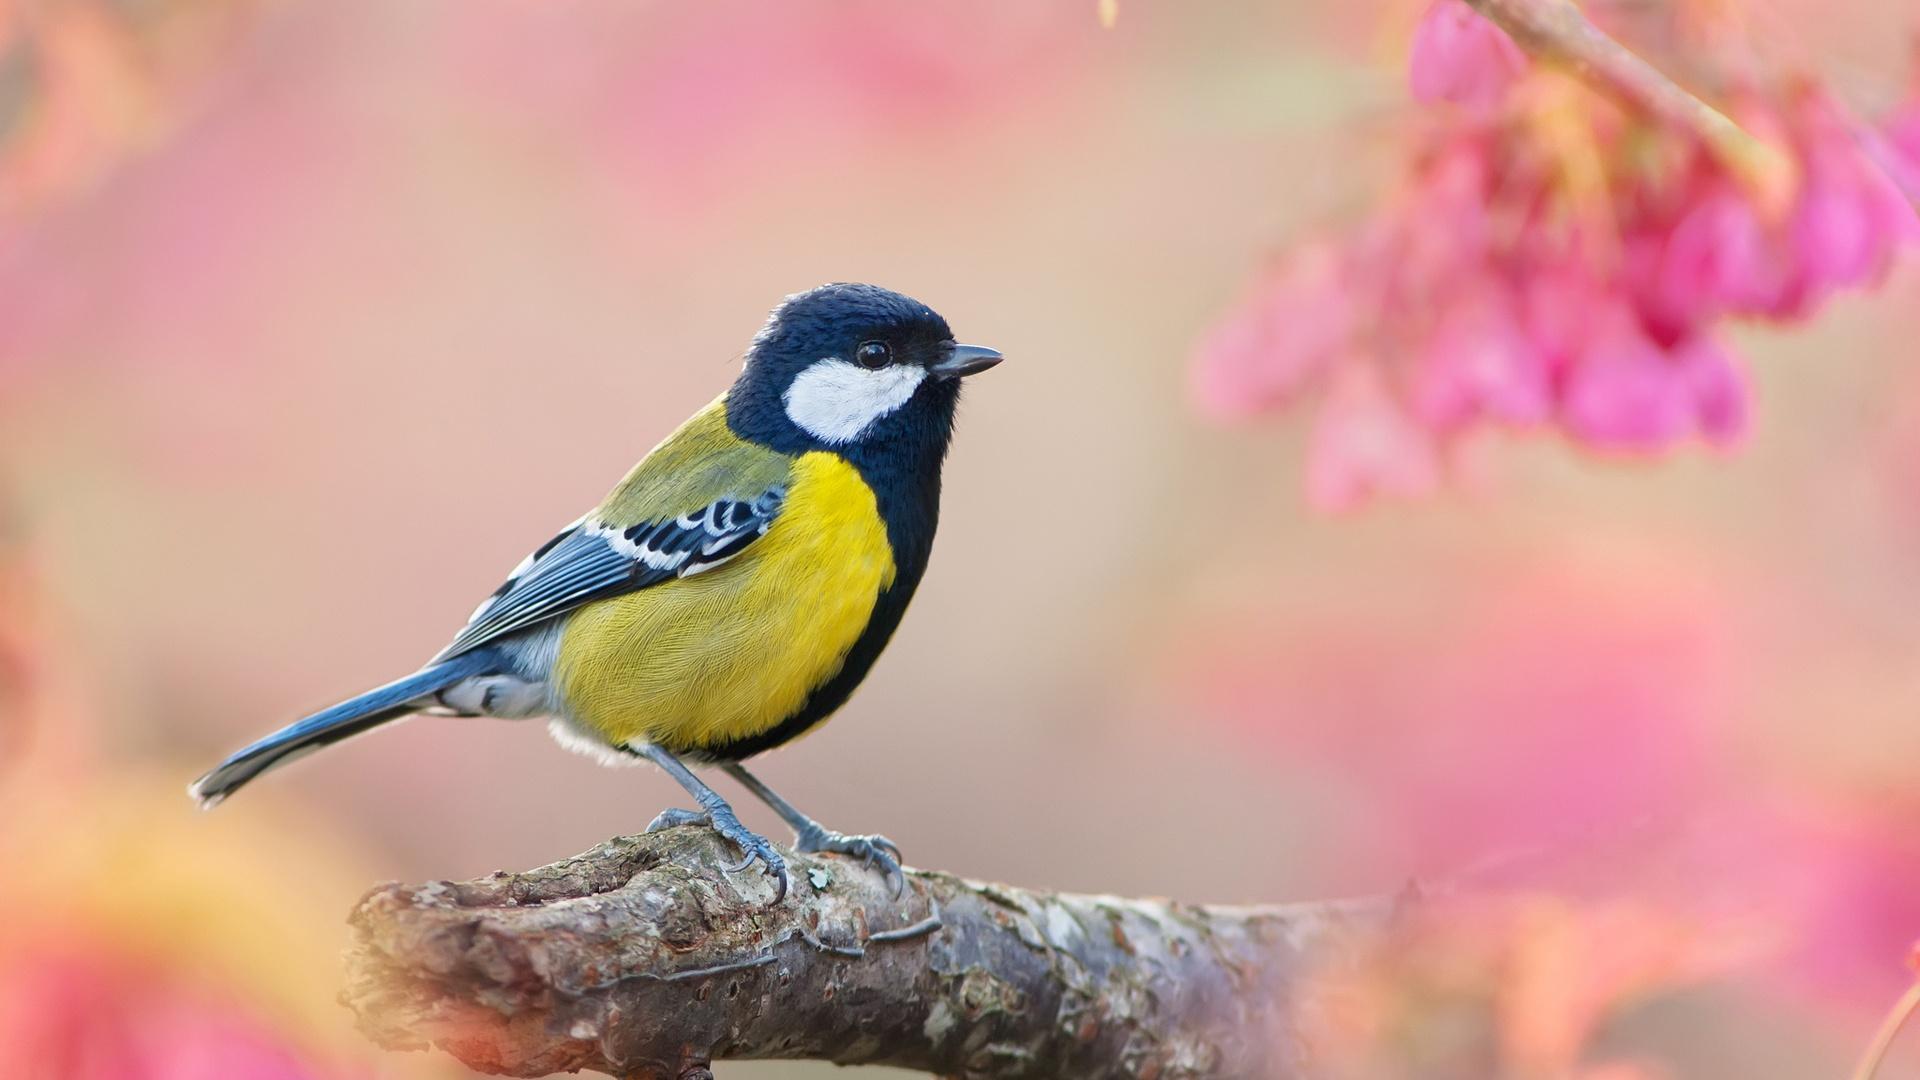 Fonds D Ecran Oiseaux Au Printemps Arriere Plan Flou Rose